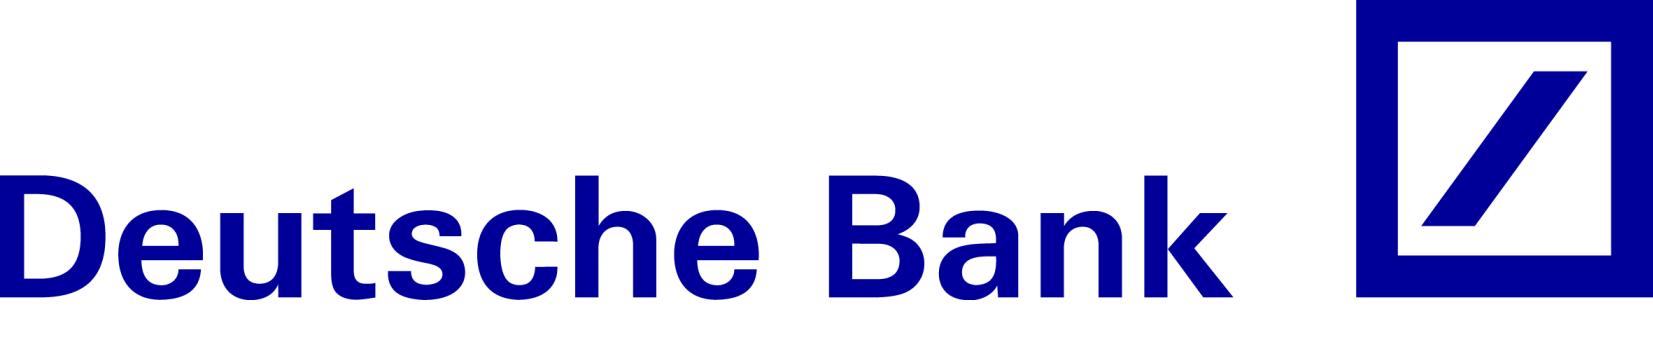 Deutsche Bank: استعداد المركزي الأوروبي للتدخل يعكس استمرار الضغوط الهبوطية